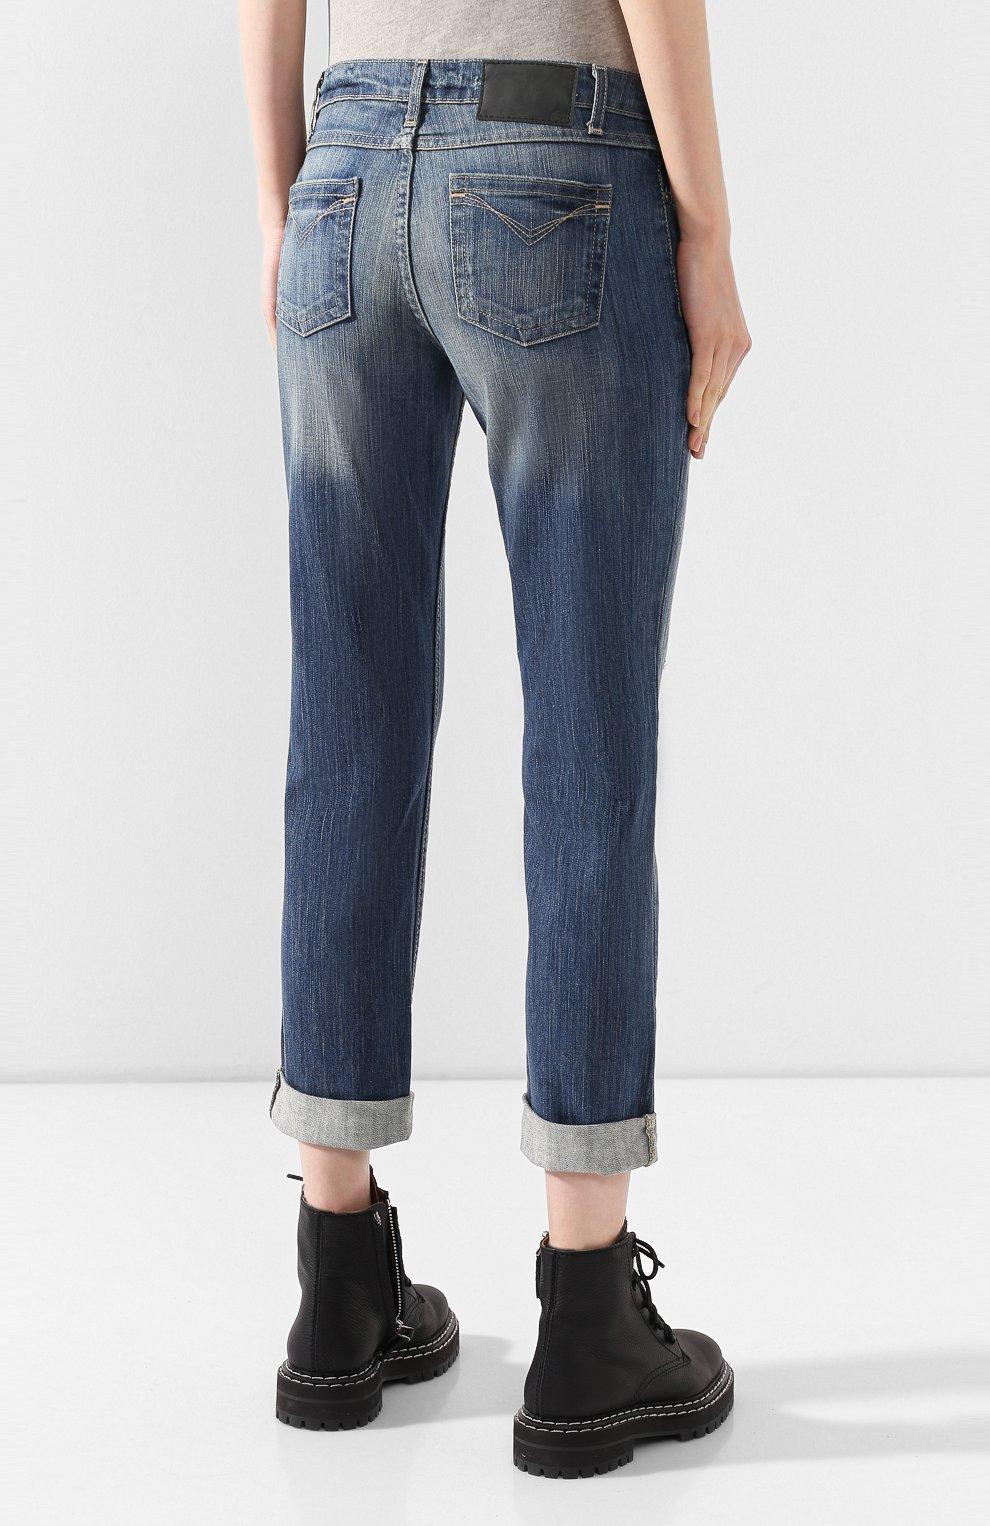 Женские джинсы с отворотами black label HARLEY-DAVIDSON голубого цвета, арт. 96188-15VW | Фото 4